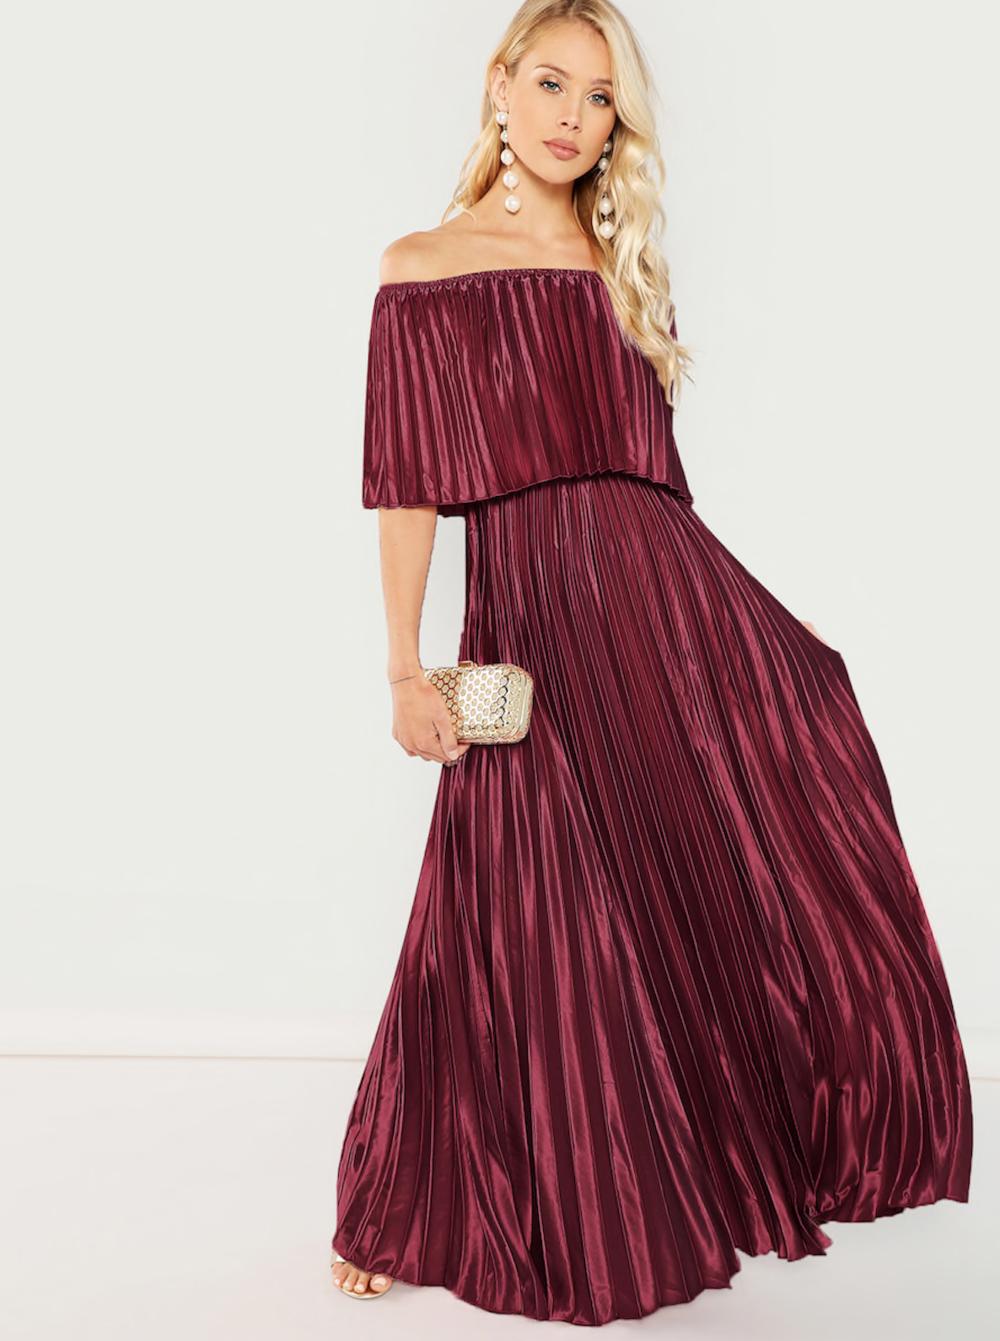 שמלת נשף בגוון בורדו בורגונדי פליסה חגיגית